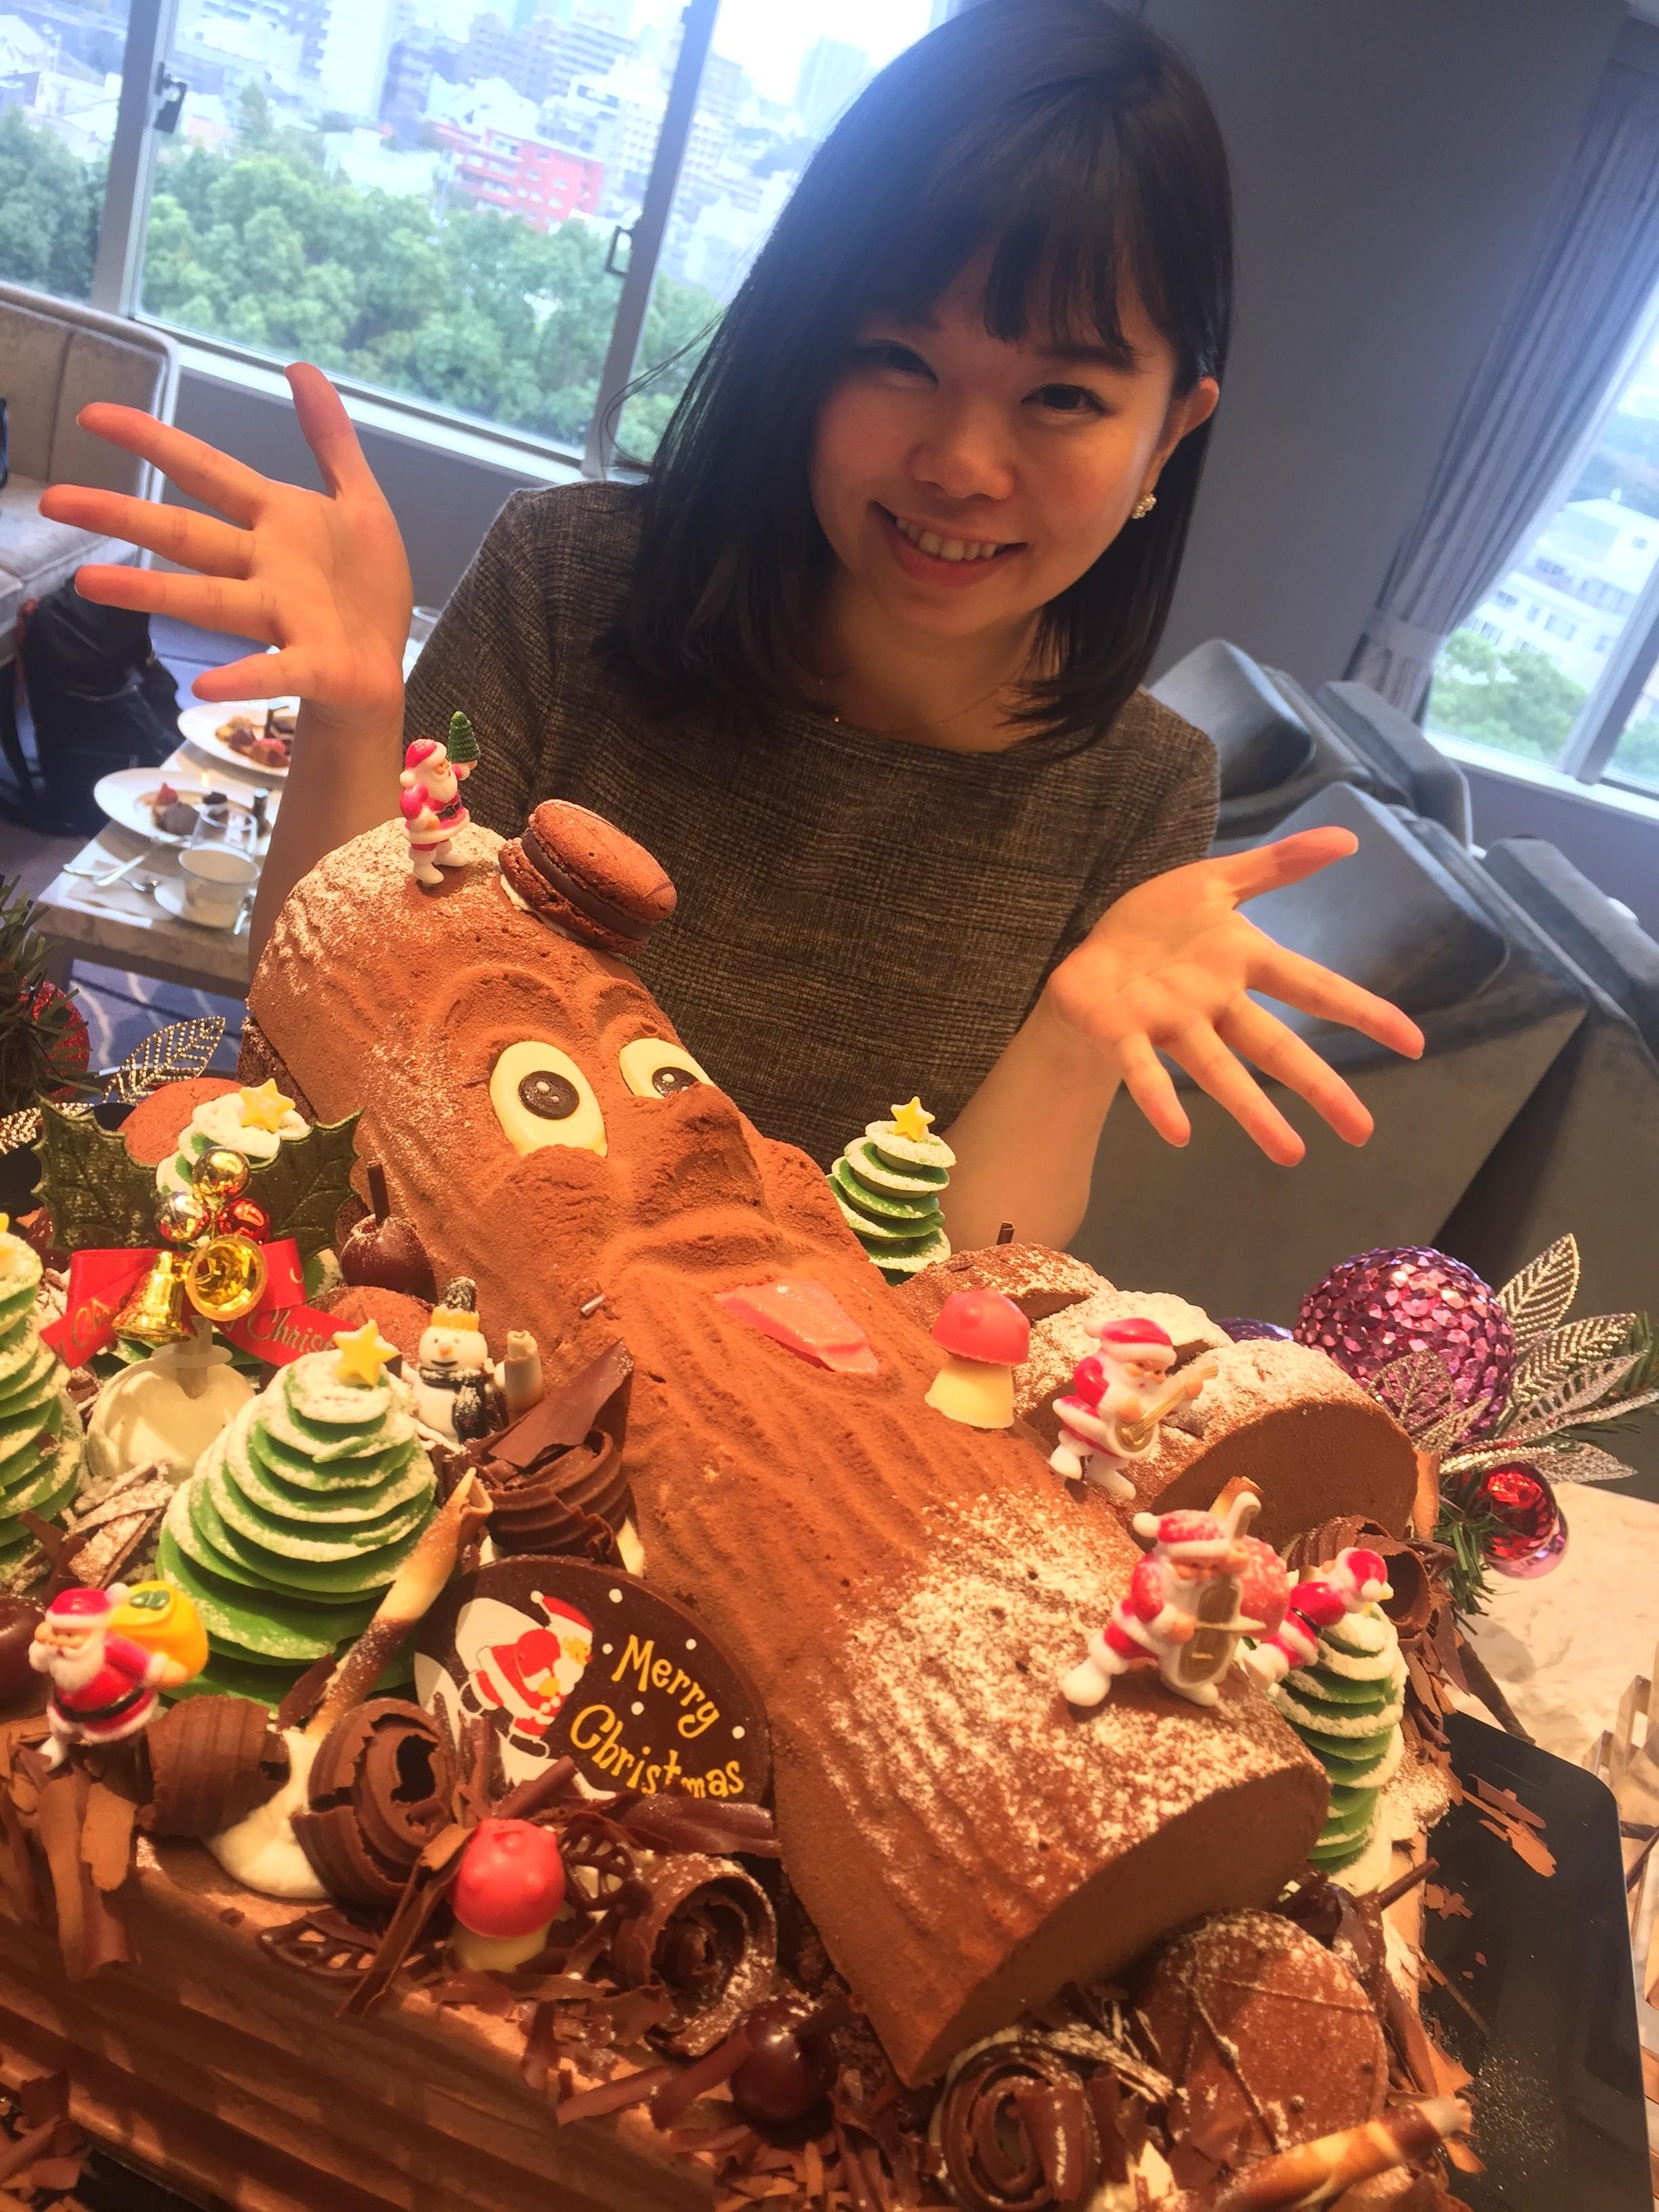 ウェスティンホテル東京クリスマスメニュー!